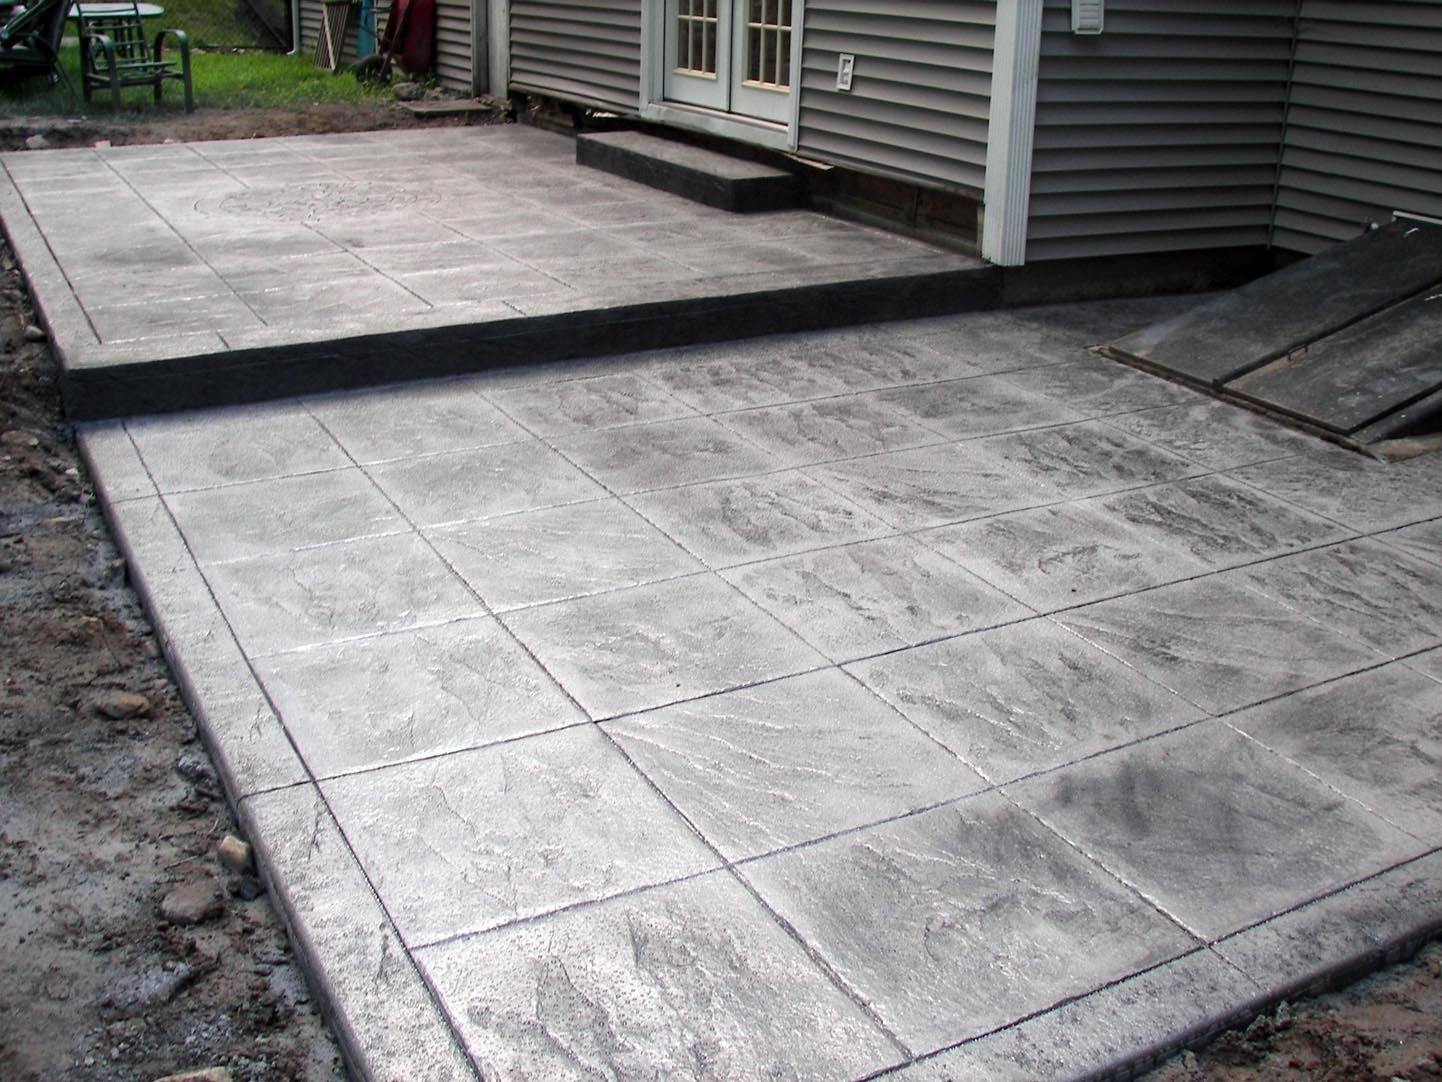 New Concrete Porch Contractors Near Me BW06i4 | Concrete ...